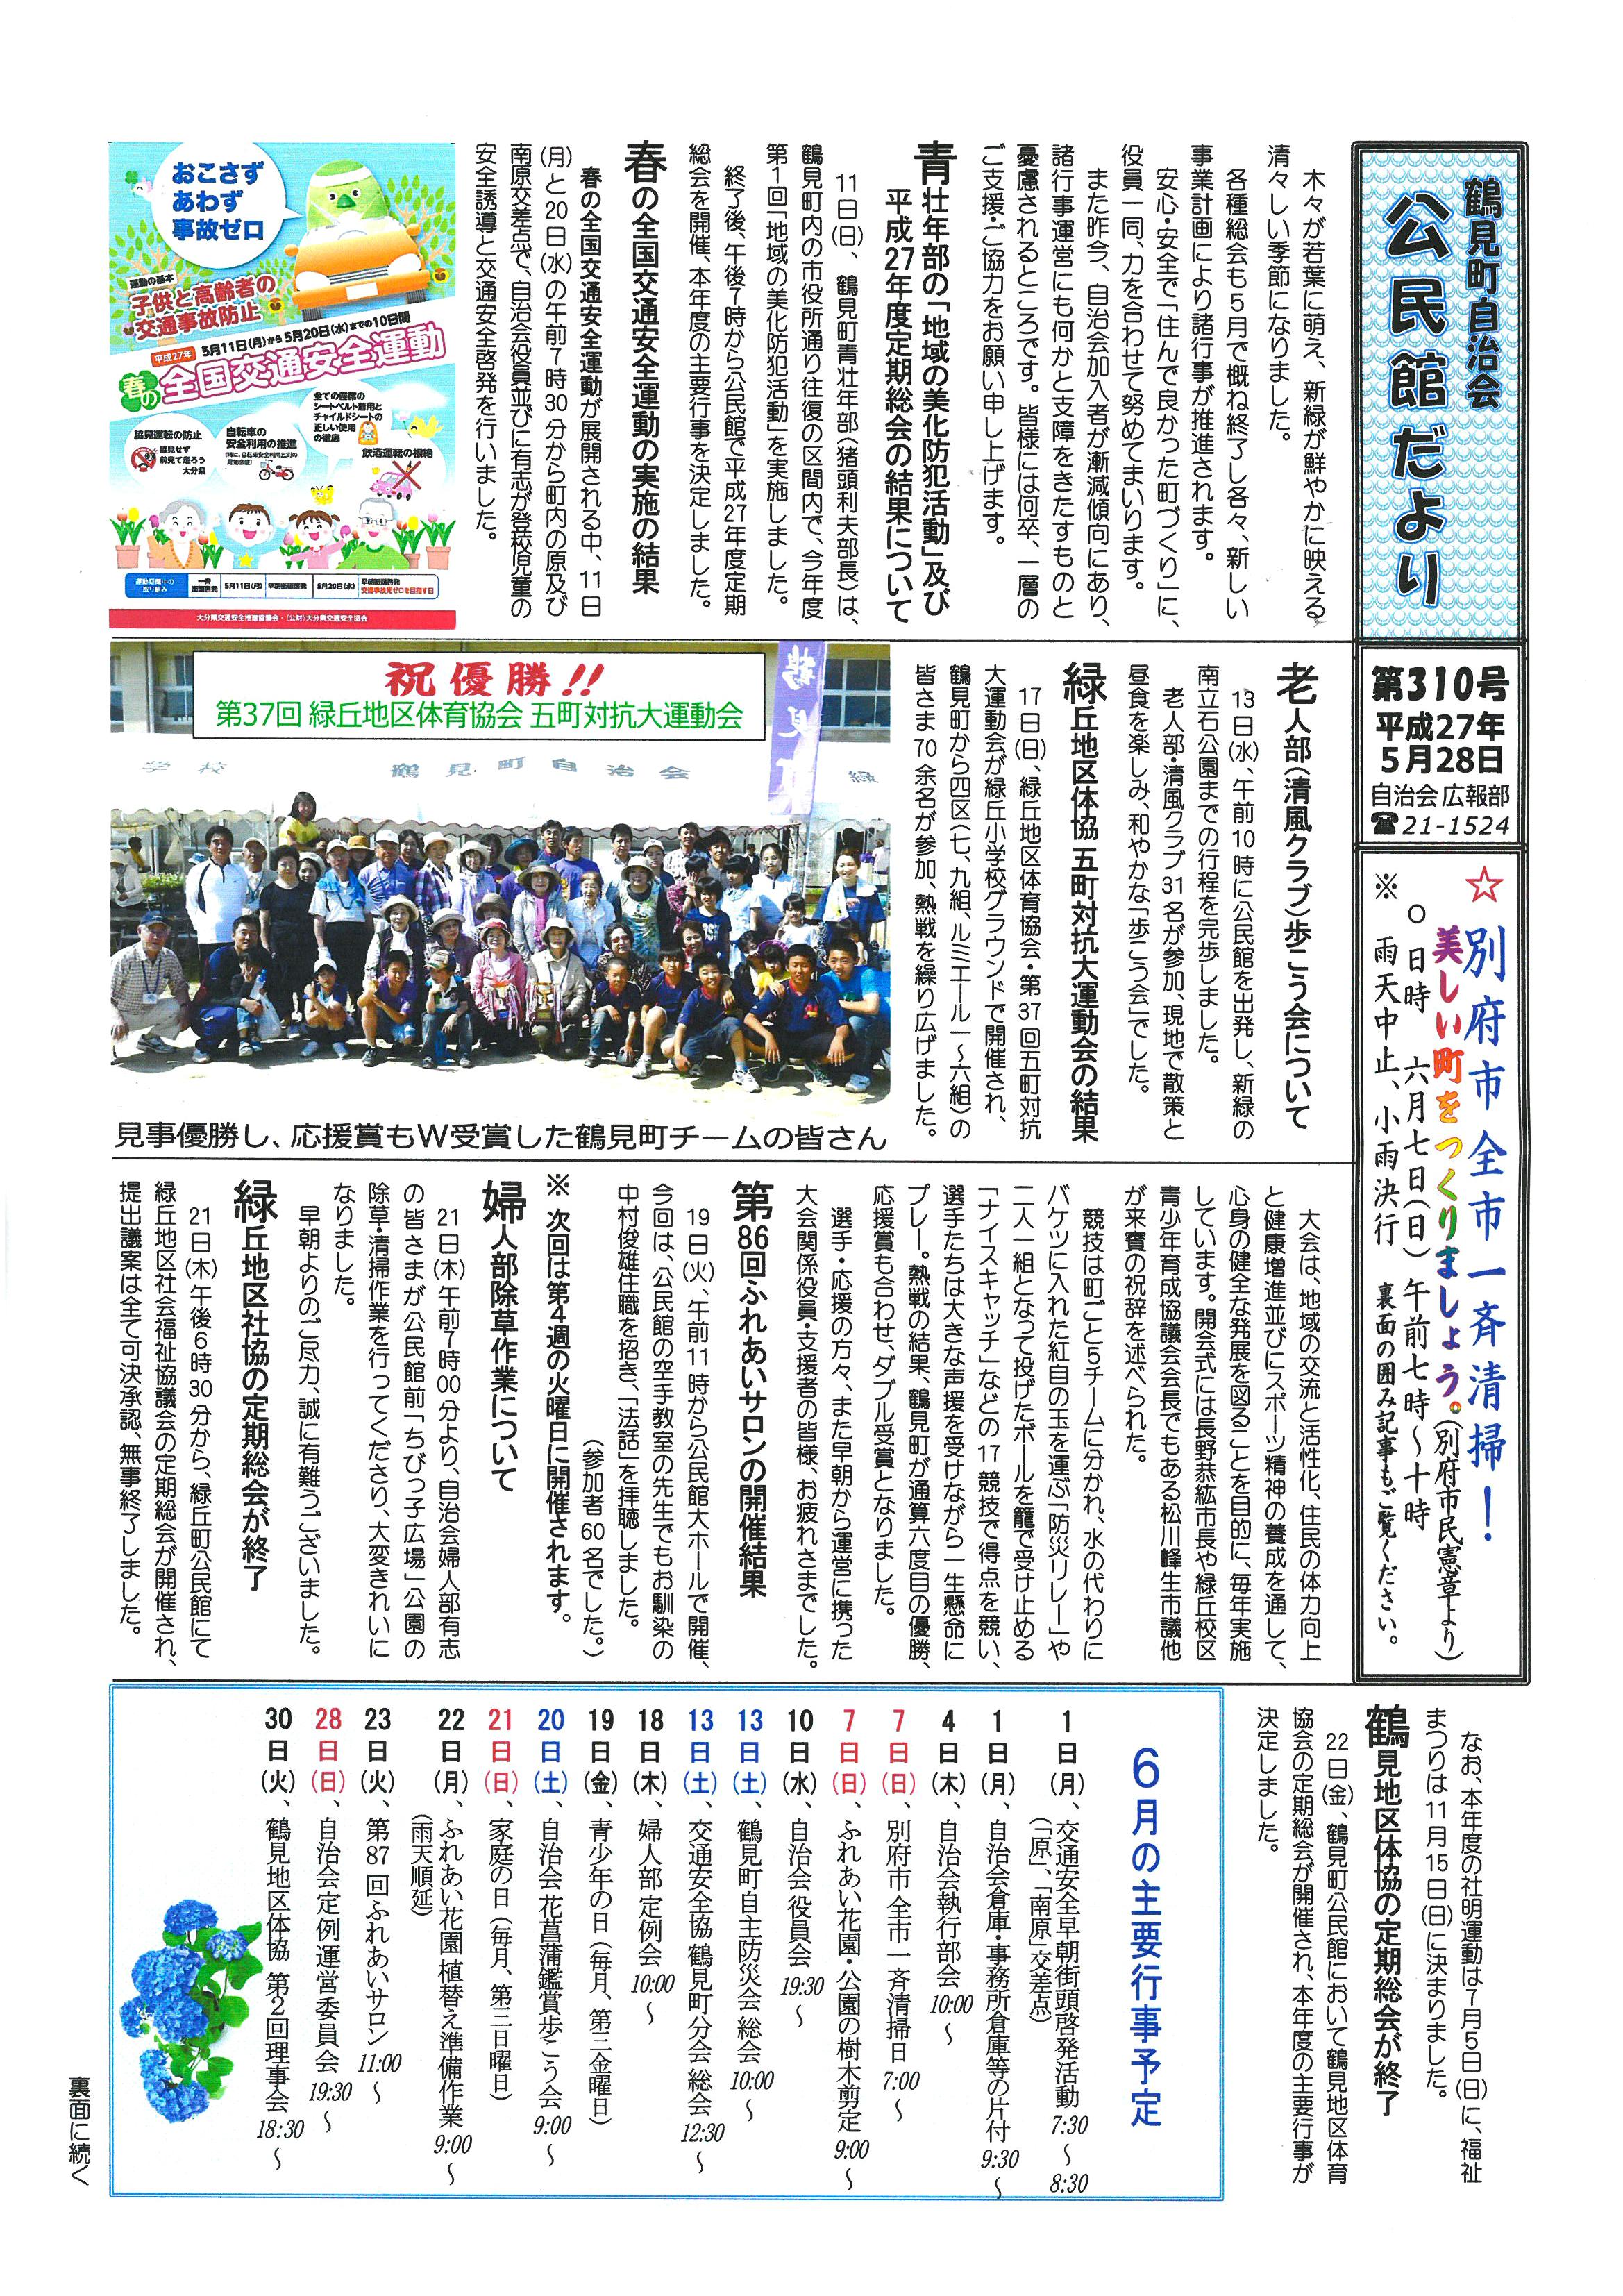 tsurumi2015_06_01